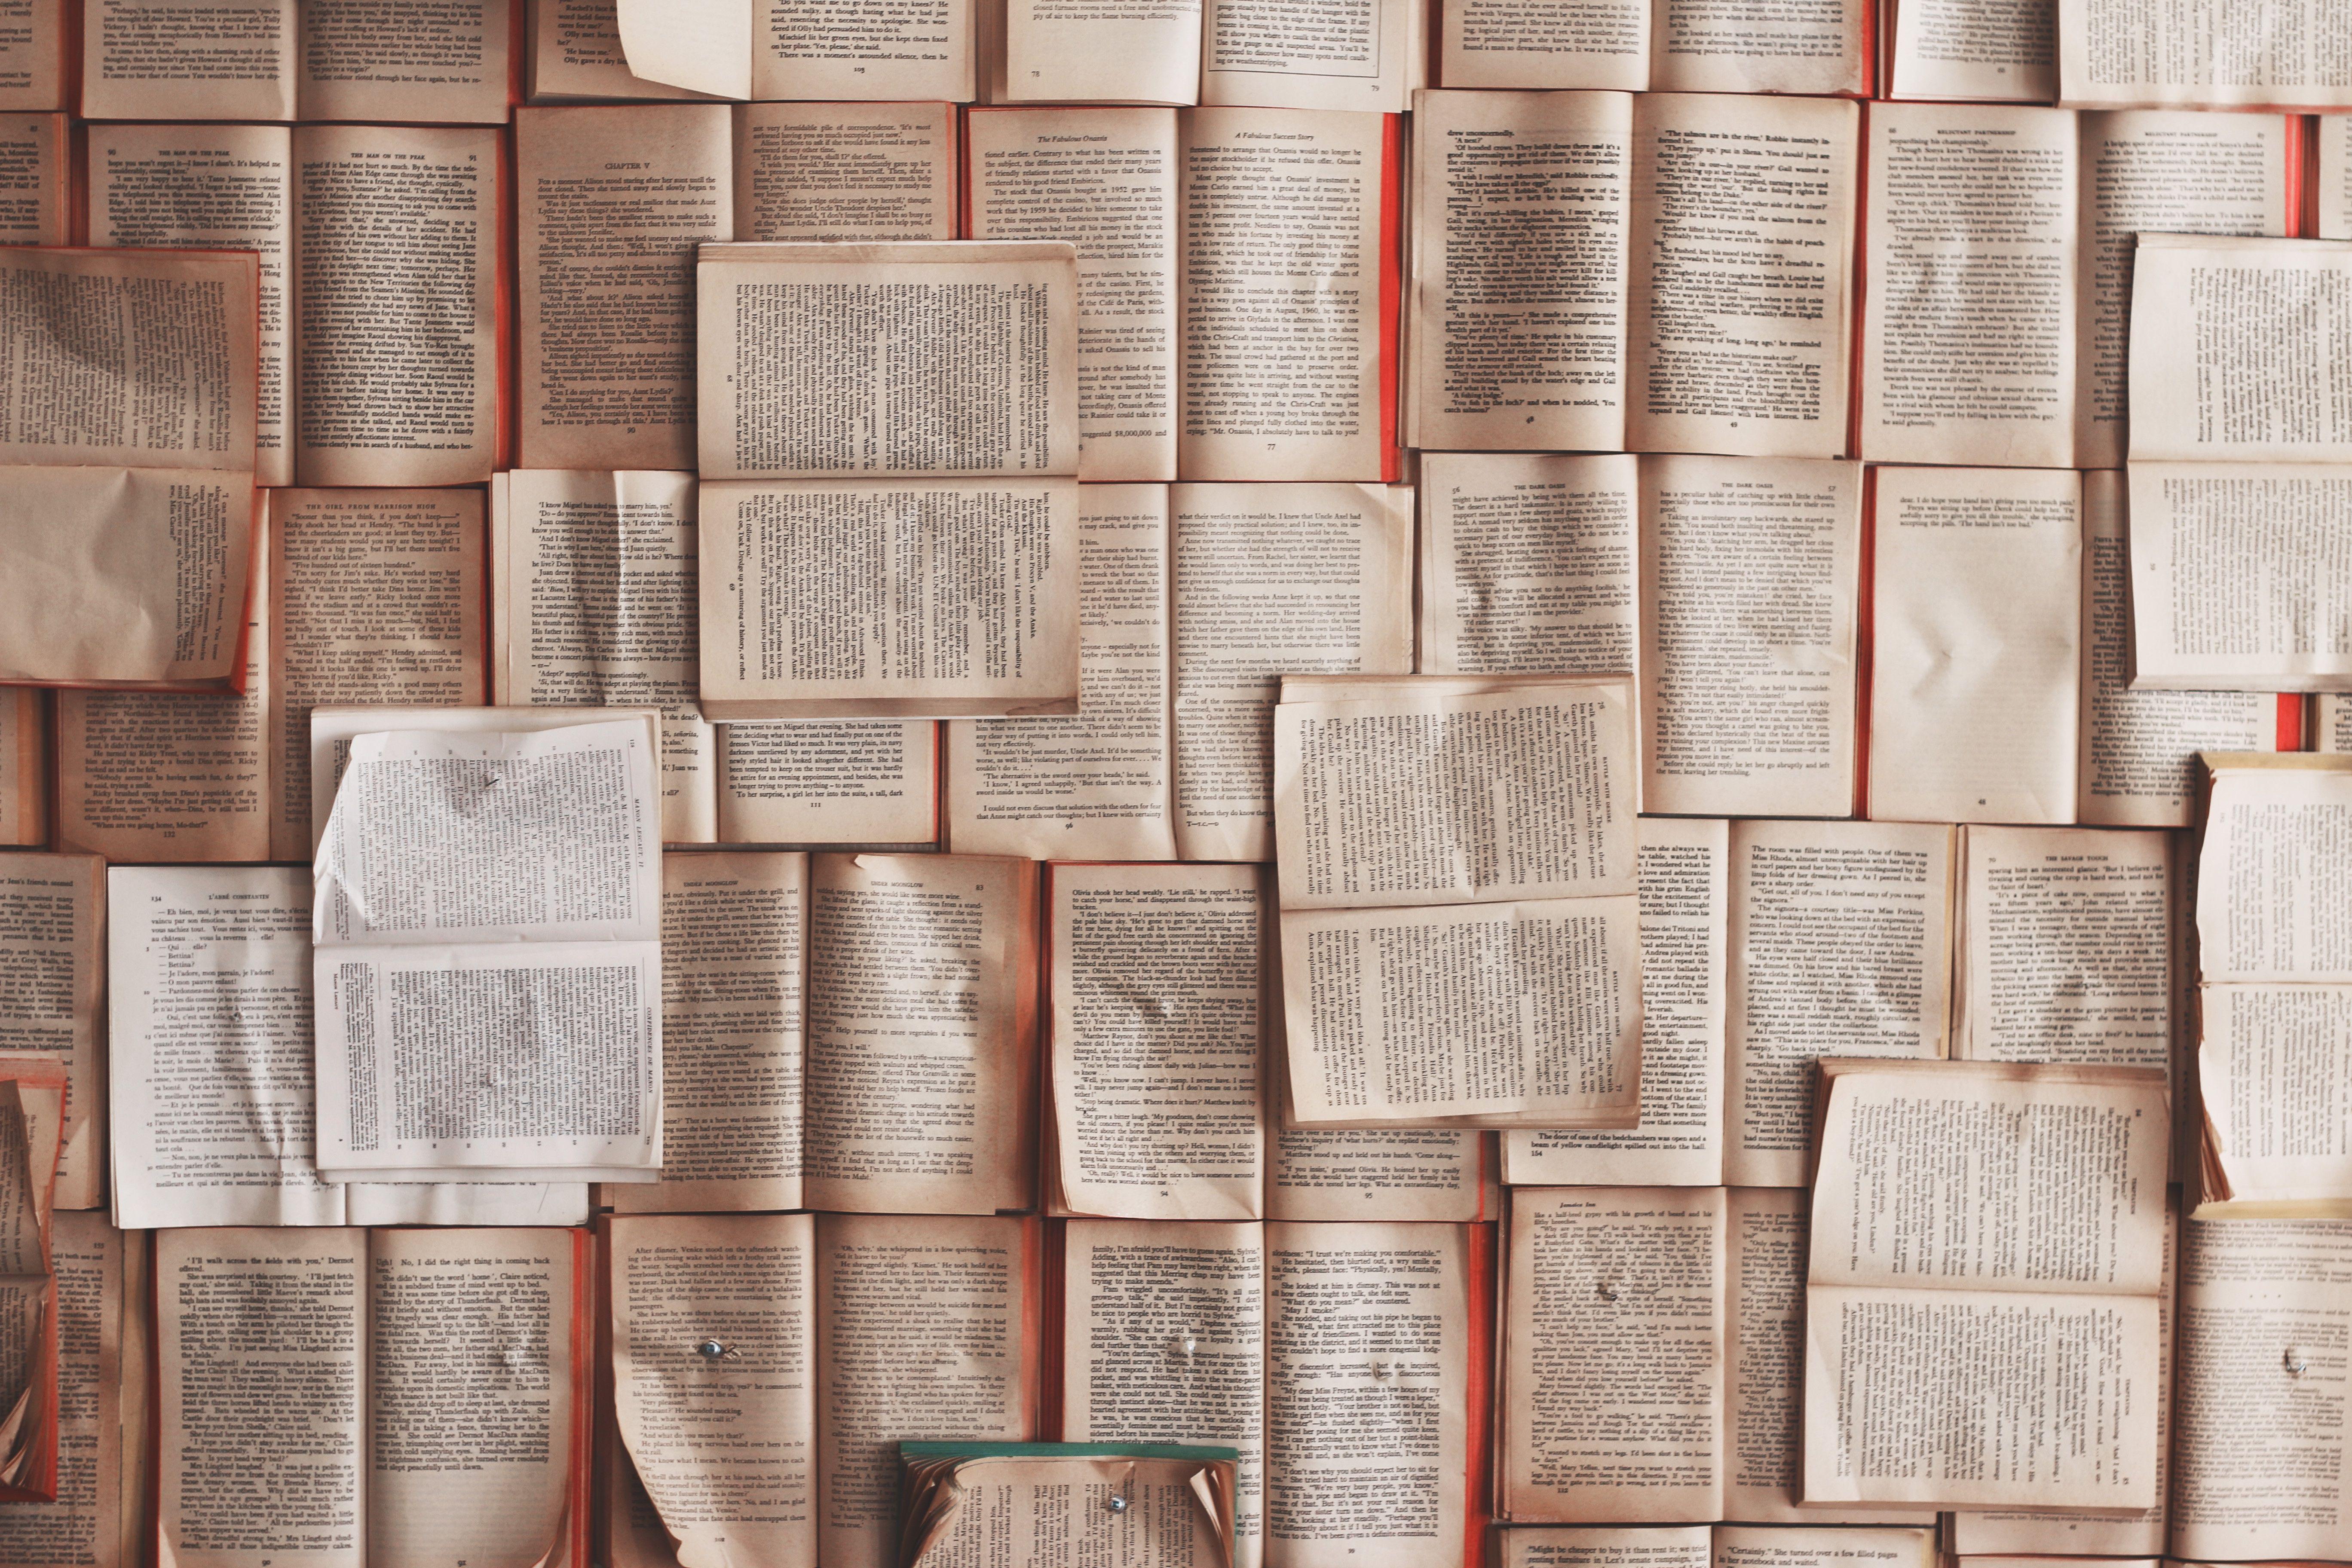 Seiten aus Wörterbüchern.